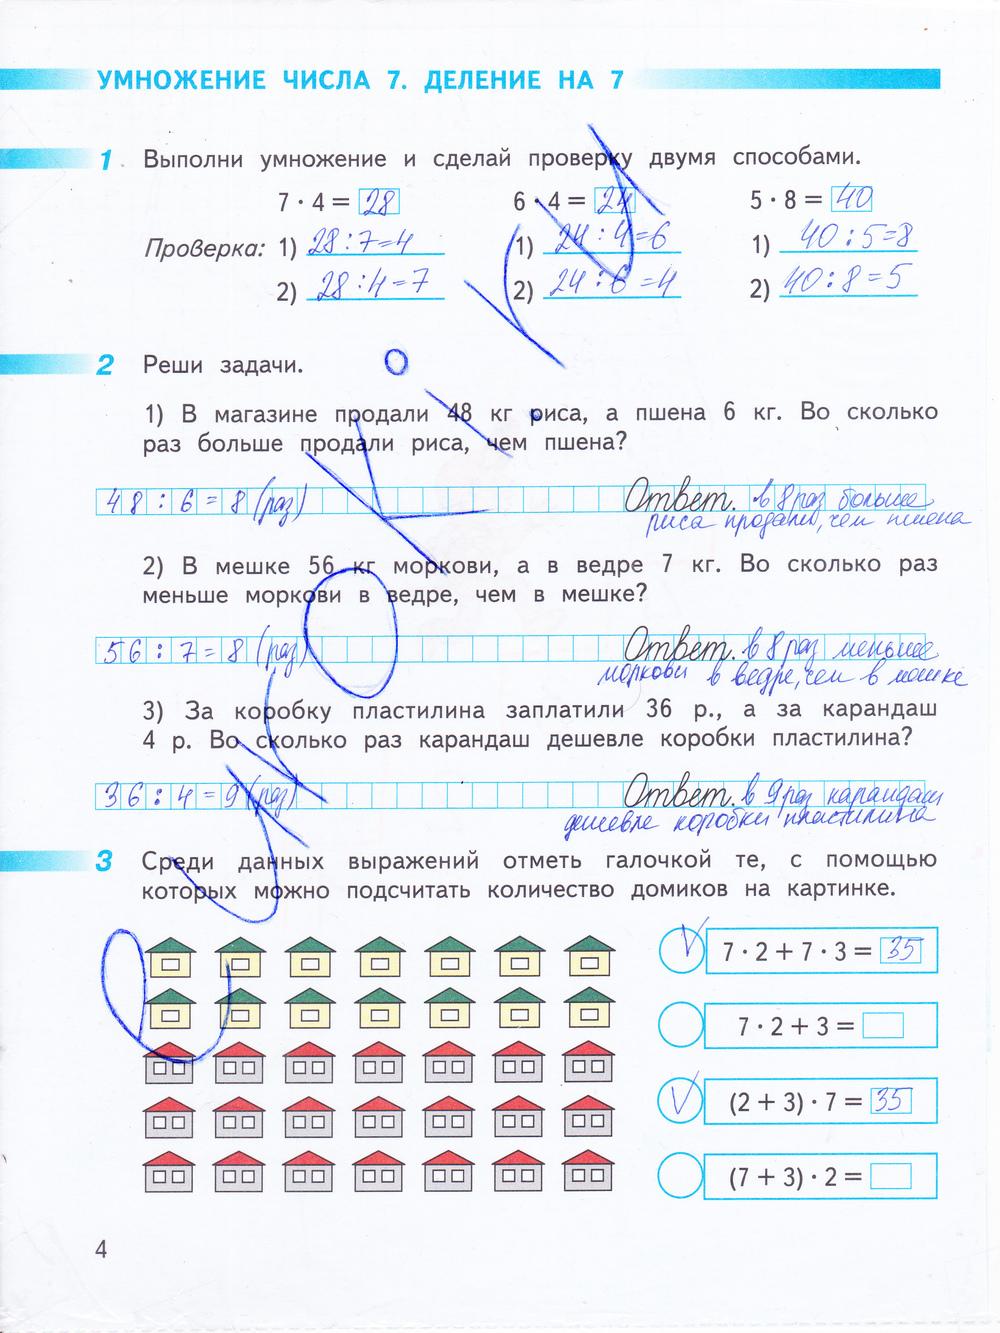 Дорофеев миракова 2 класс математика решебник рабочей тетради